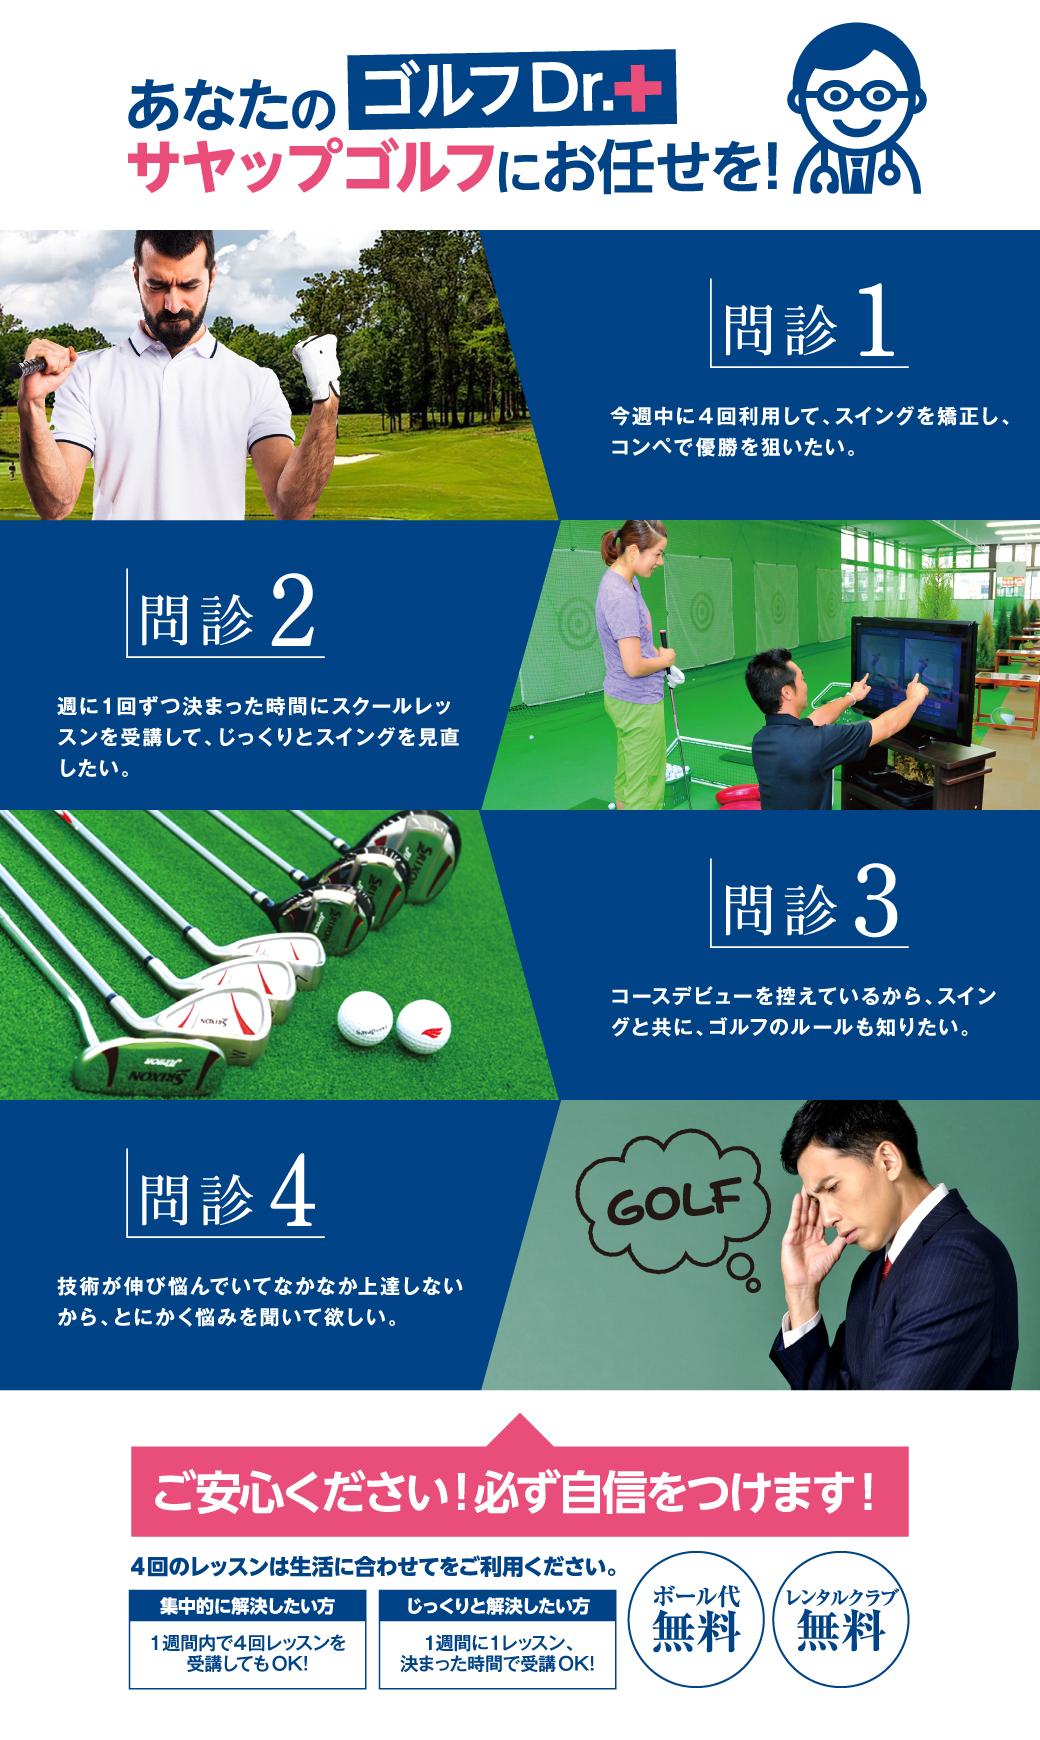 04ゴルフdr.jpg